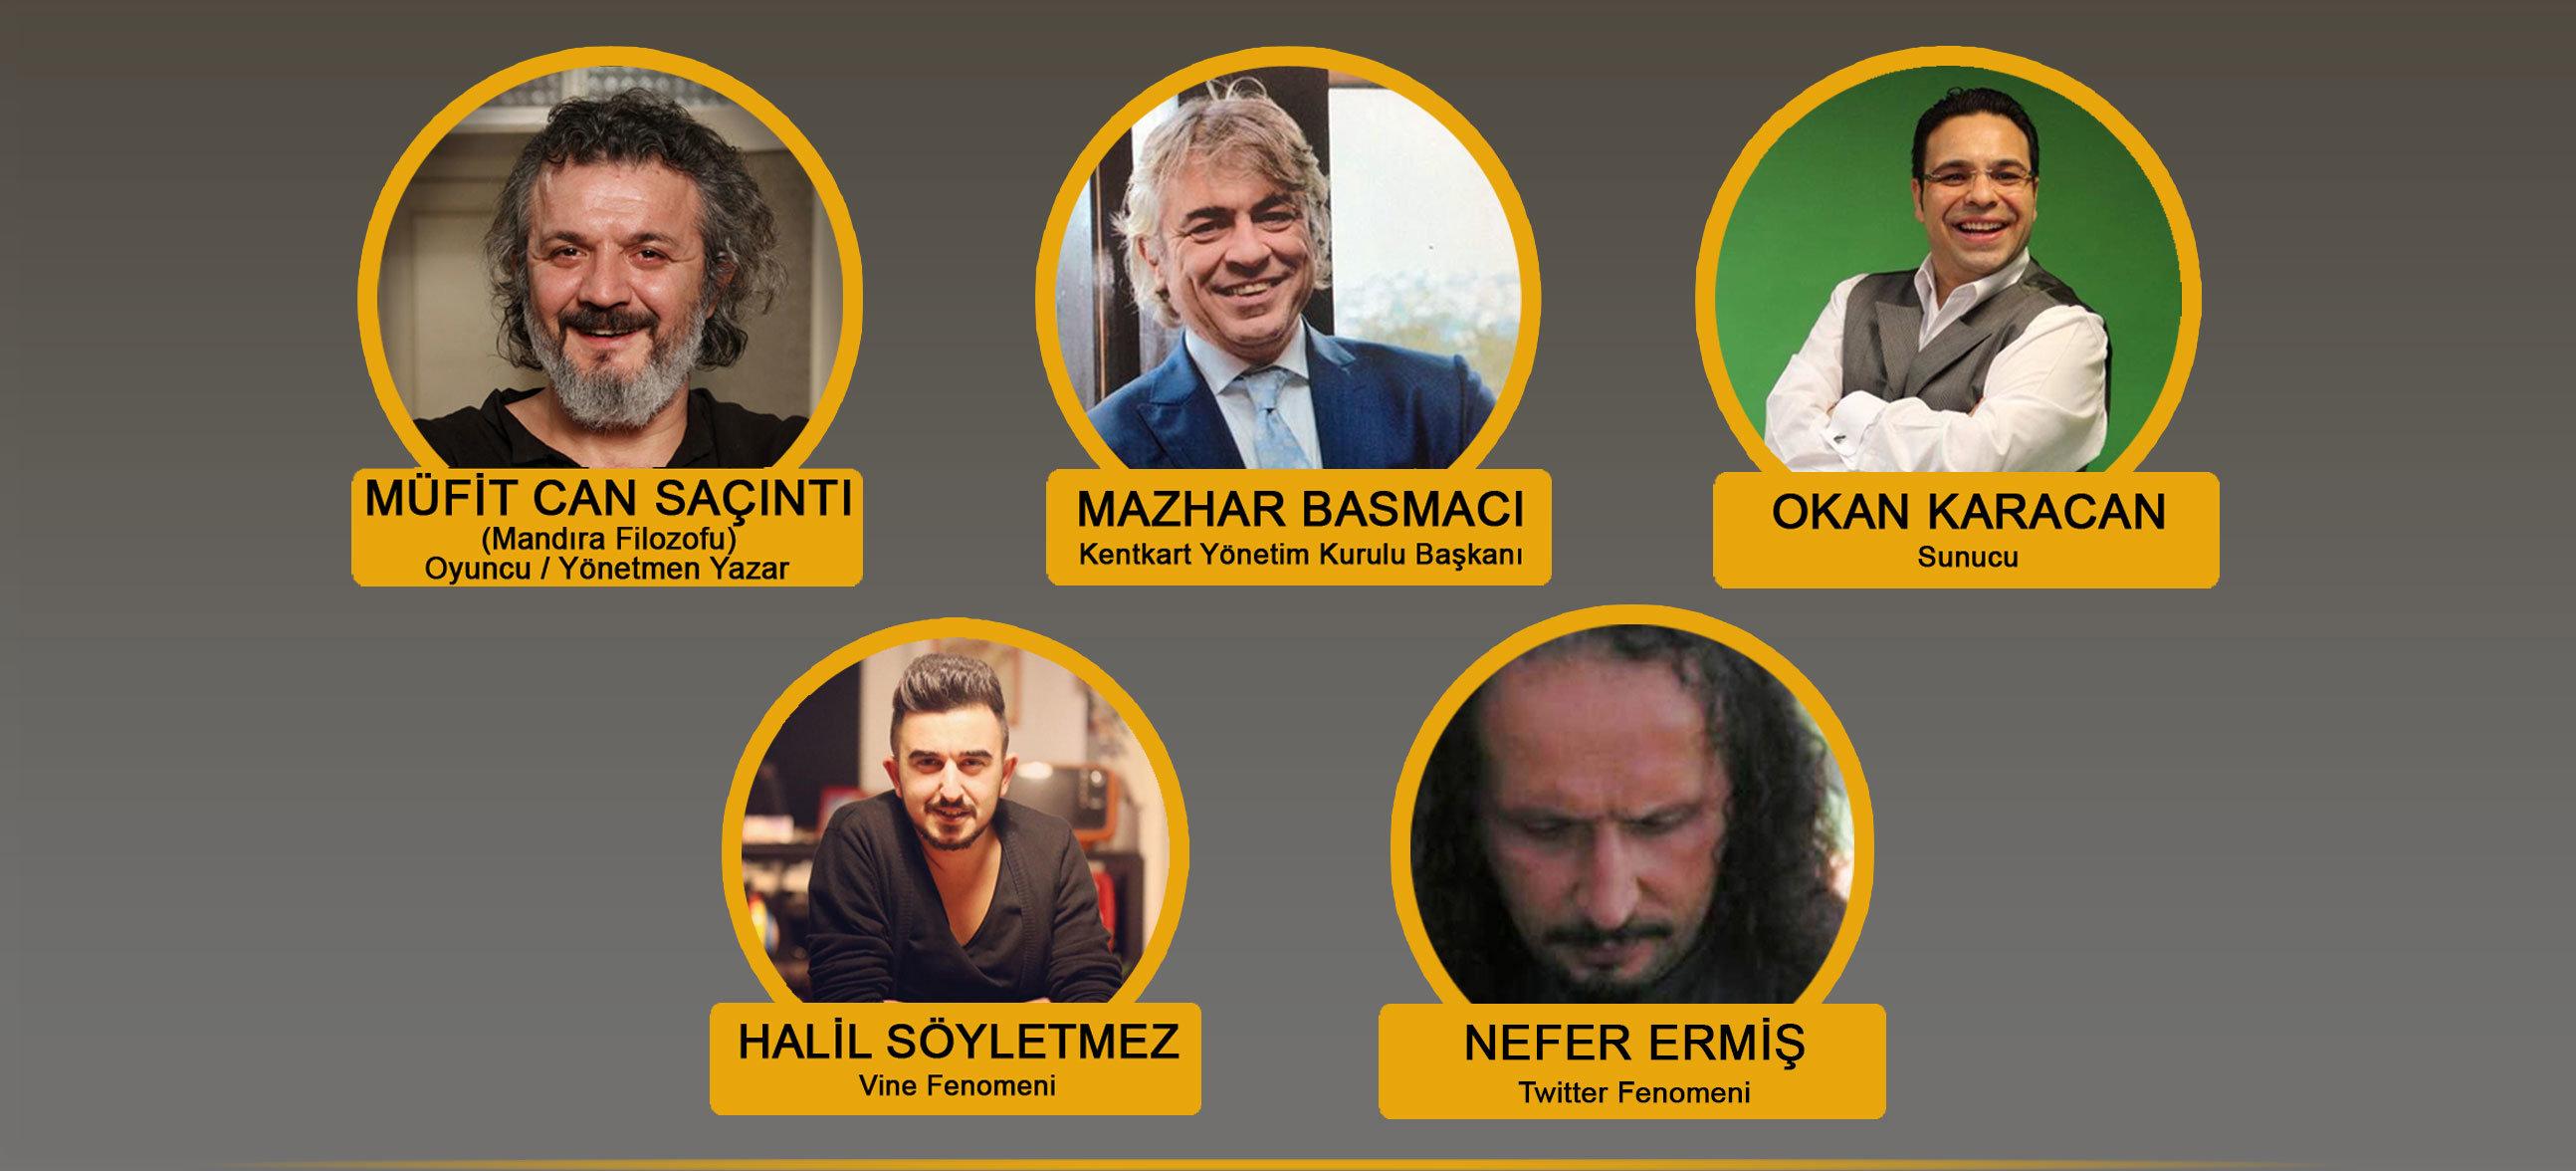 İstanbul Üniversitesi Sosyal Medya Sertifika Programı Ünlü Konuşmacılarıyla Başlıyor!